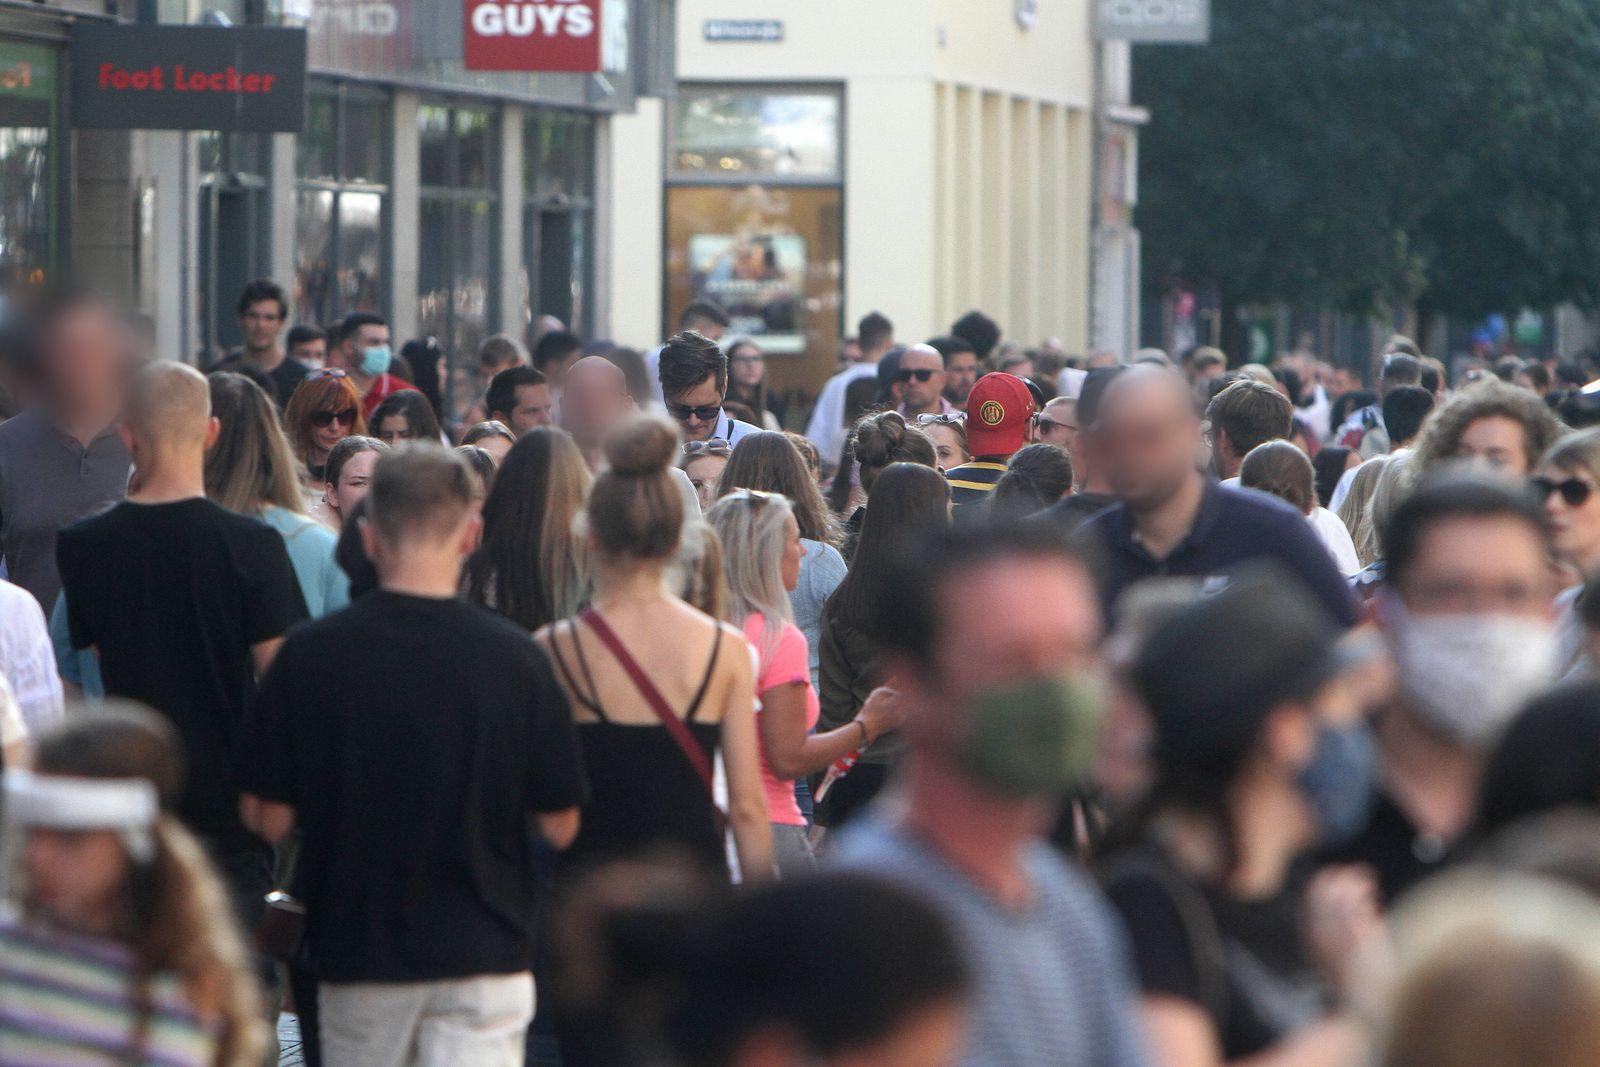 Nach der Lockerung der Schutzmaßnahmen und Wiedereröffnung der Geschäfte sieht die Einkaufsstraße und Fußgängerzone Fli